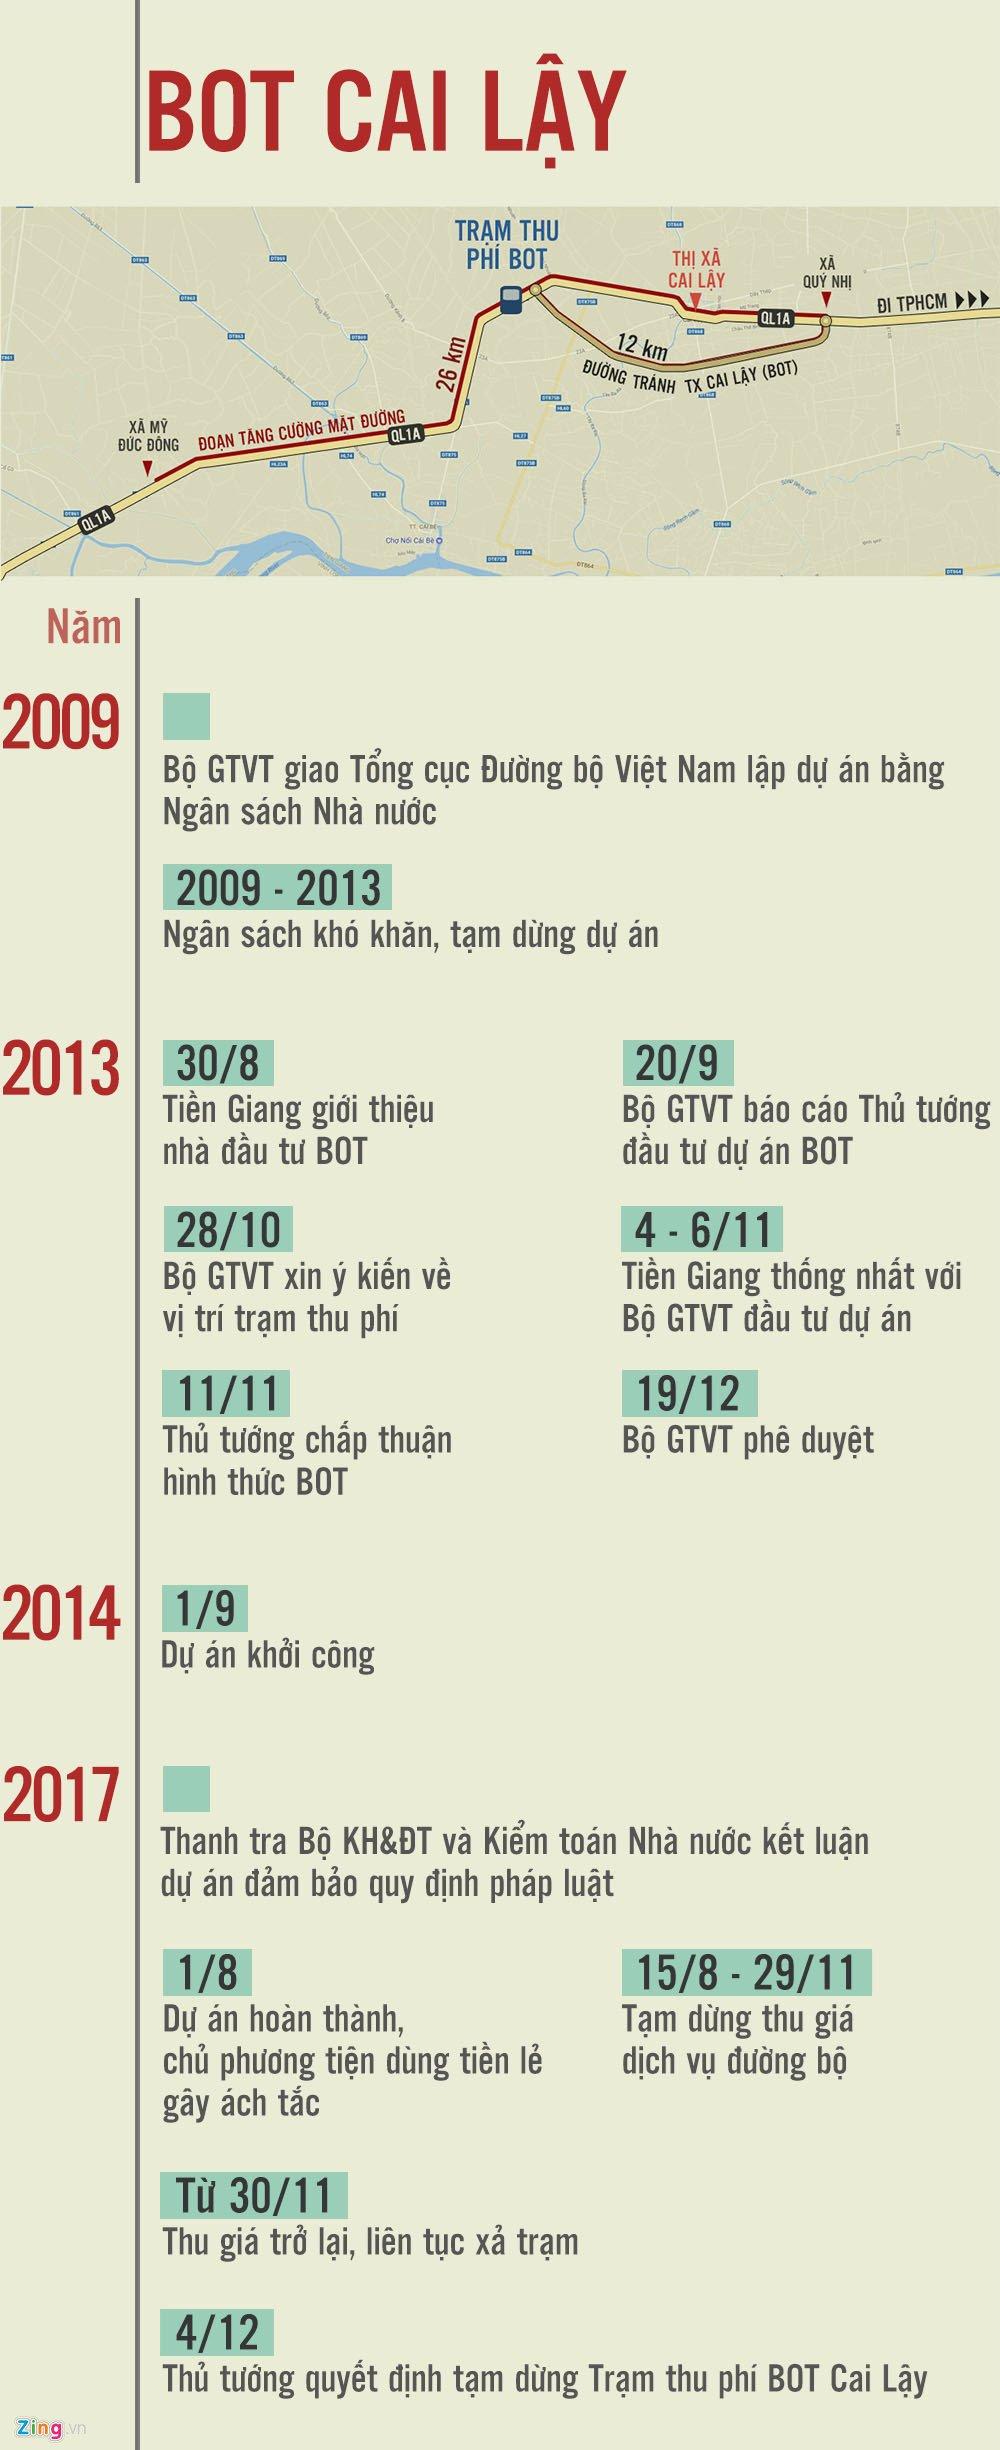 5 phuong án 'giải cúu' BOT Cai Lay trinh len Thu tuong the nao? hinh anh 2